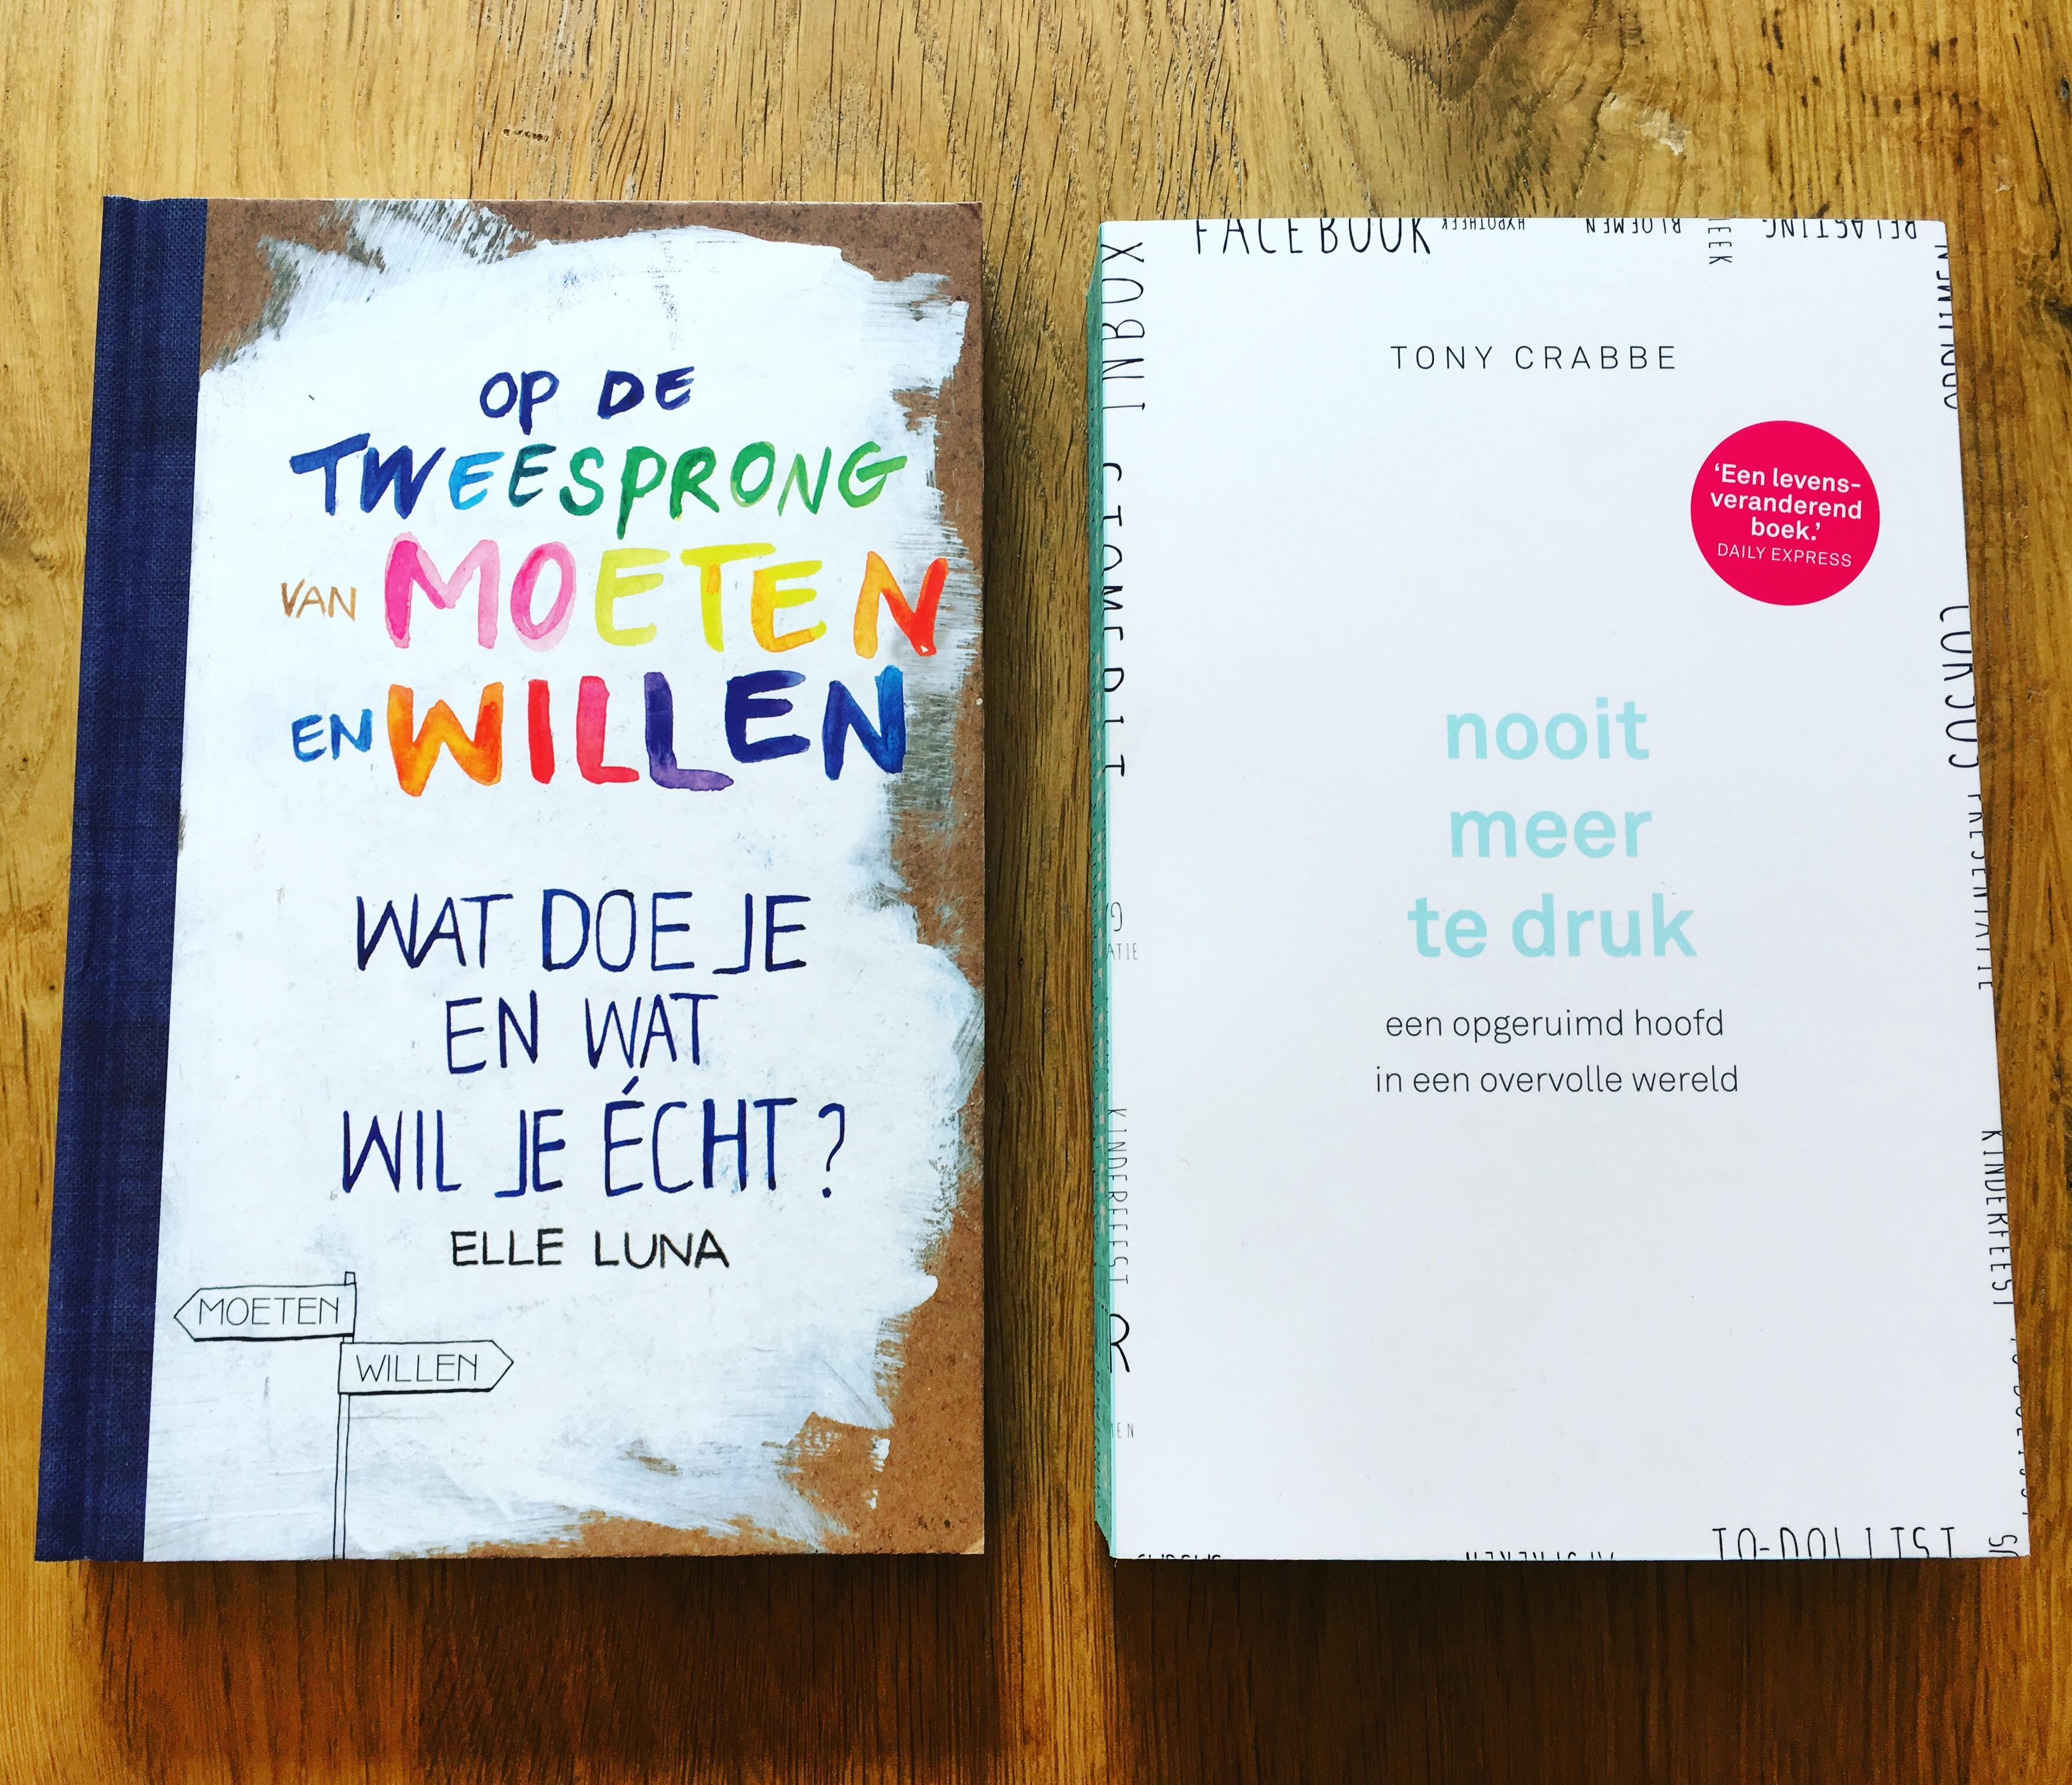 """Yvonderweg - Weekboek #7 - Nieuwe boeken - """"Op de tweesprong van moeten en willen"""" en """"Nooit meer te druk"""""""